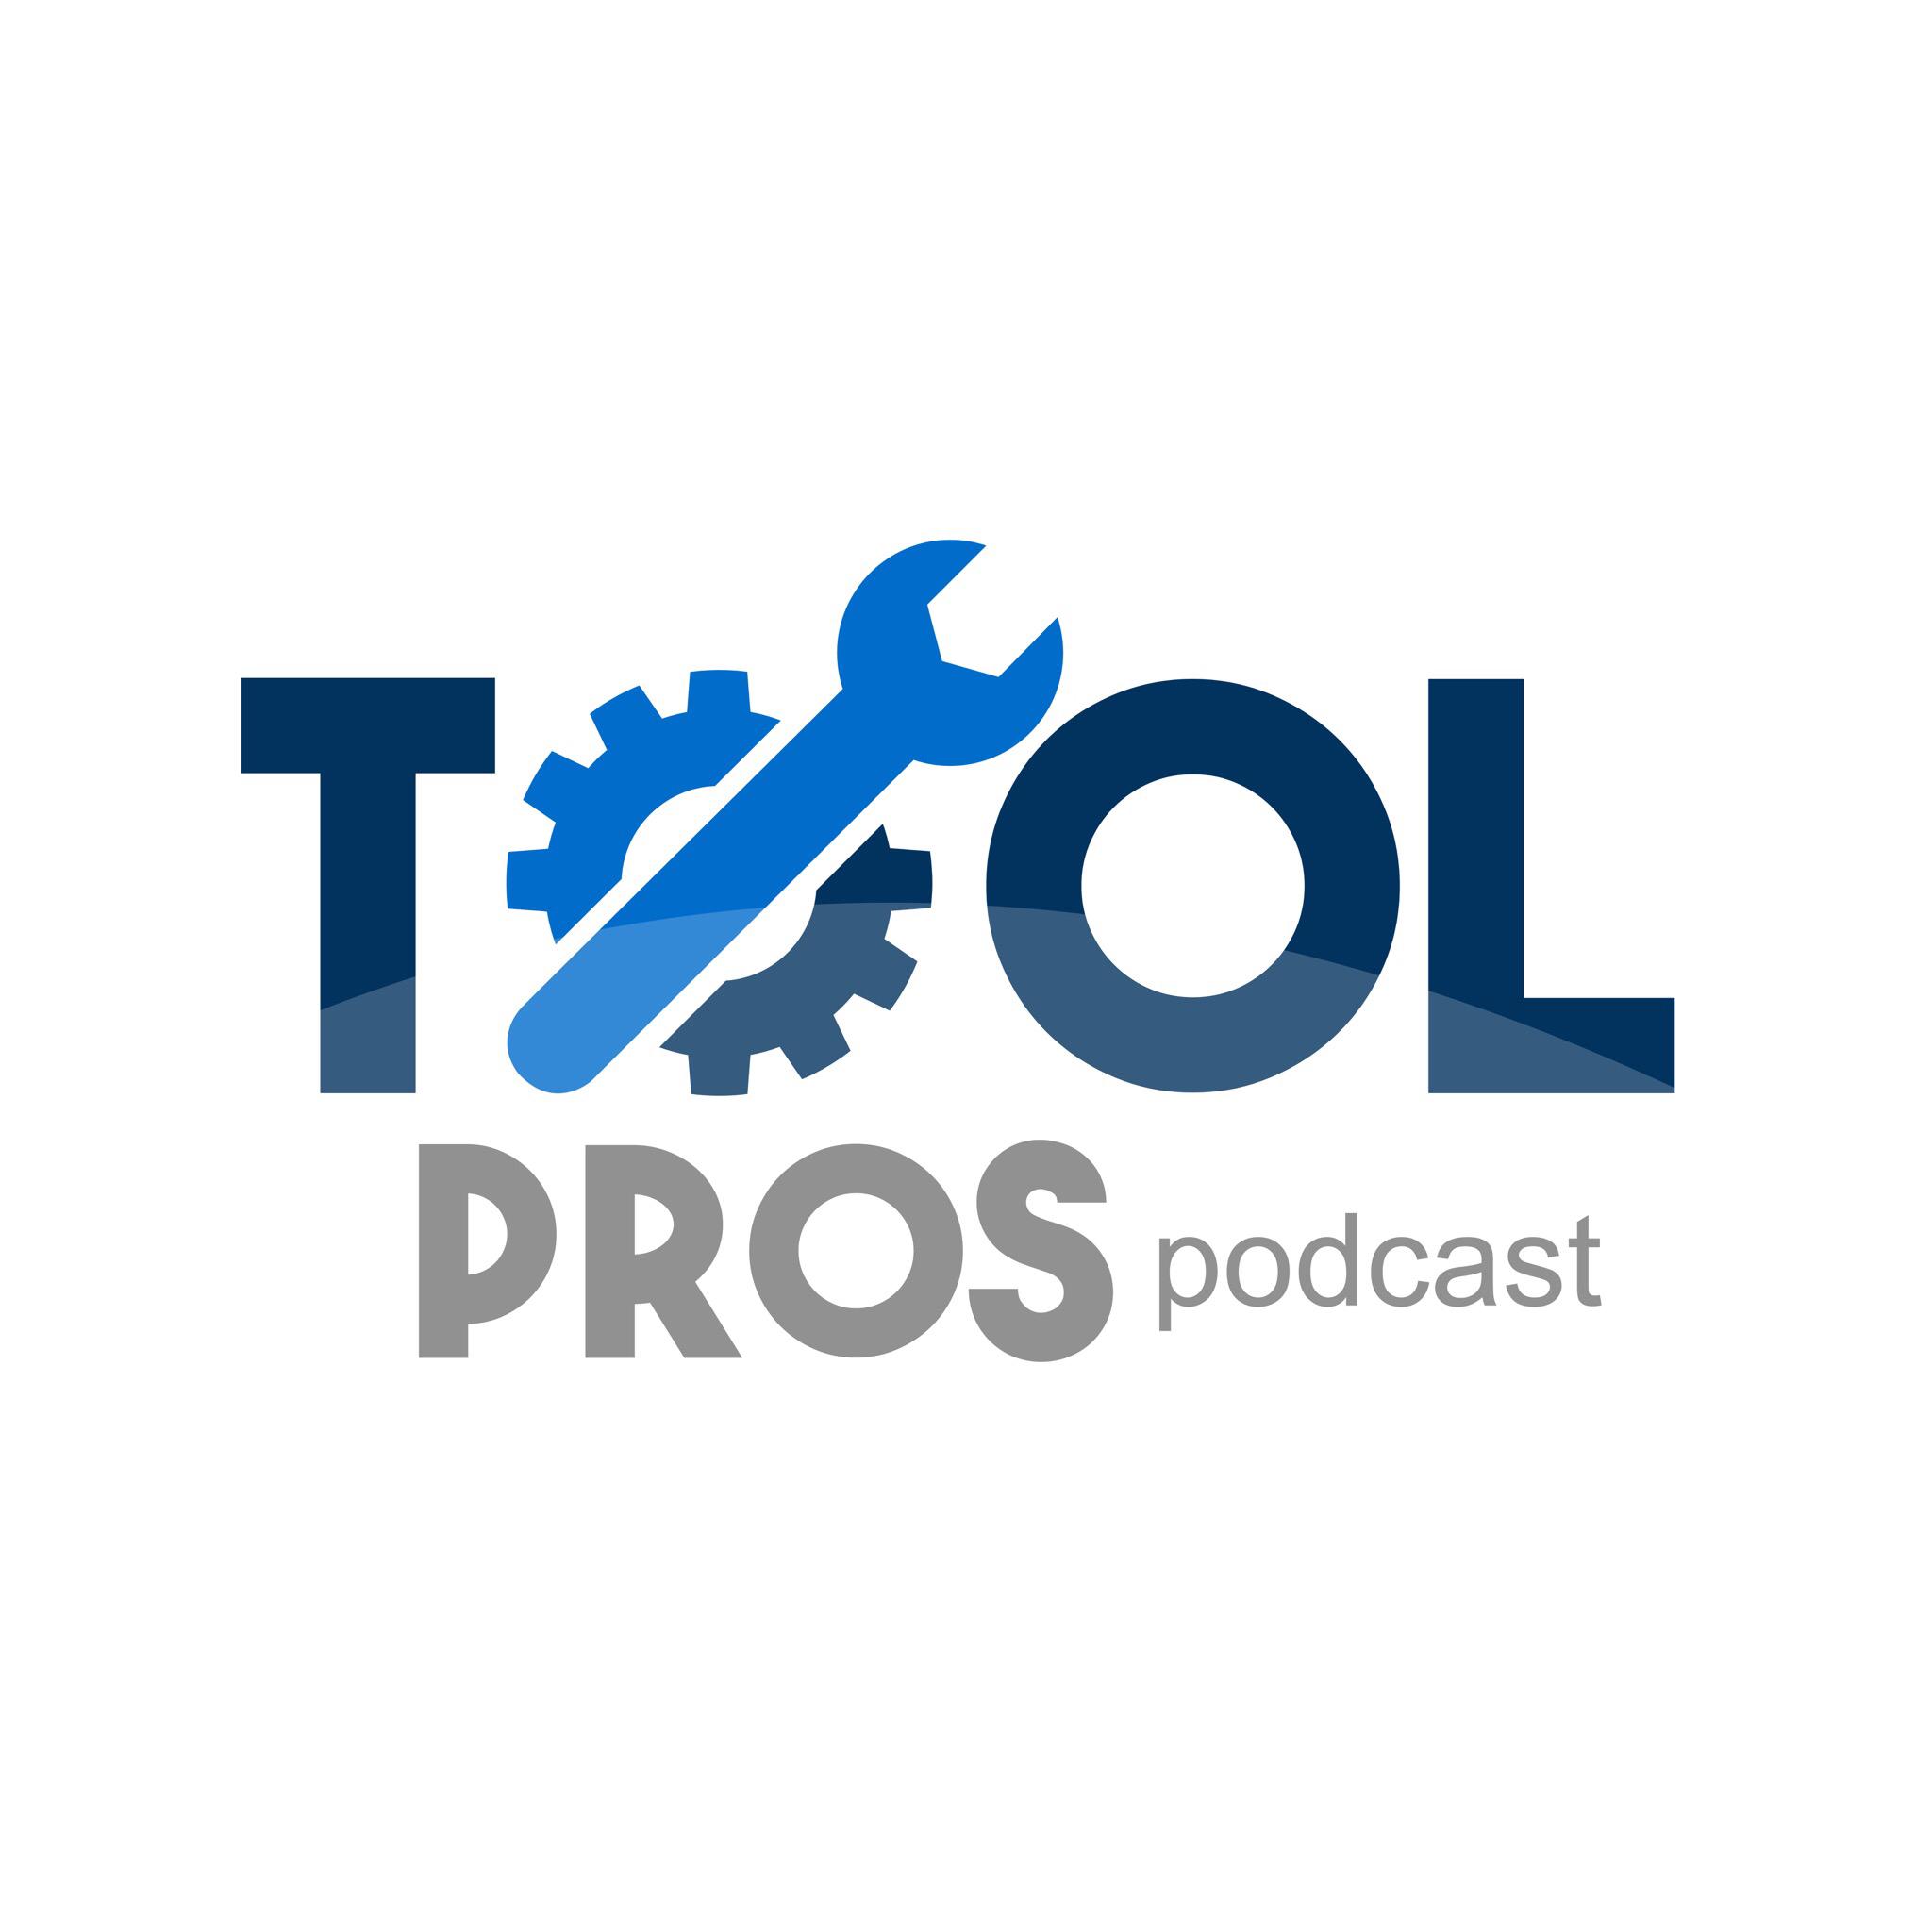 Tool Pros Podcast show art